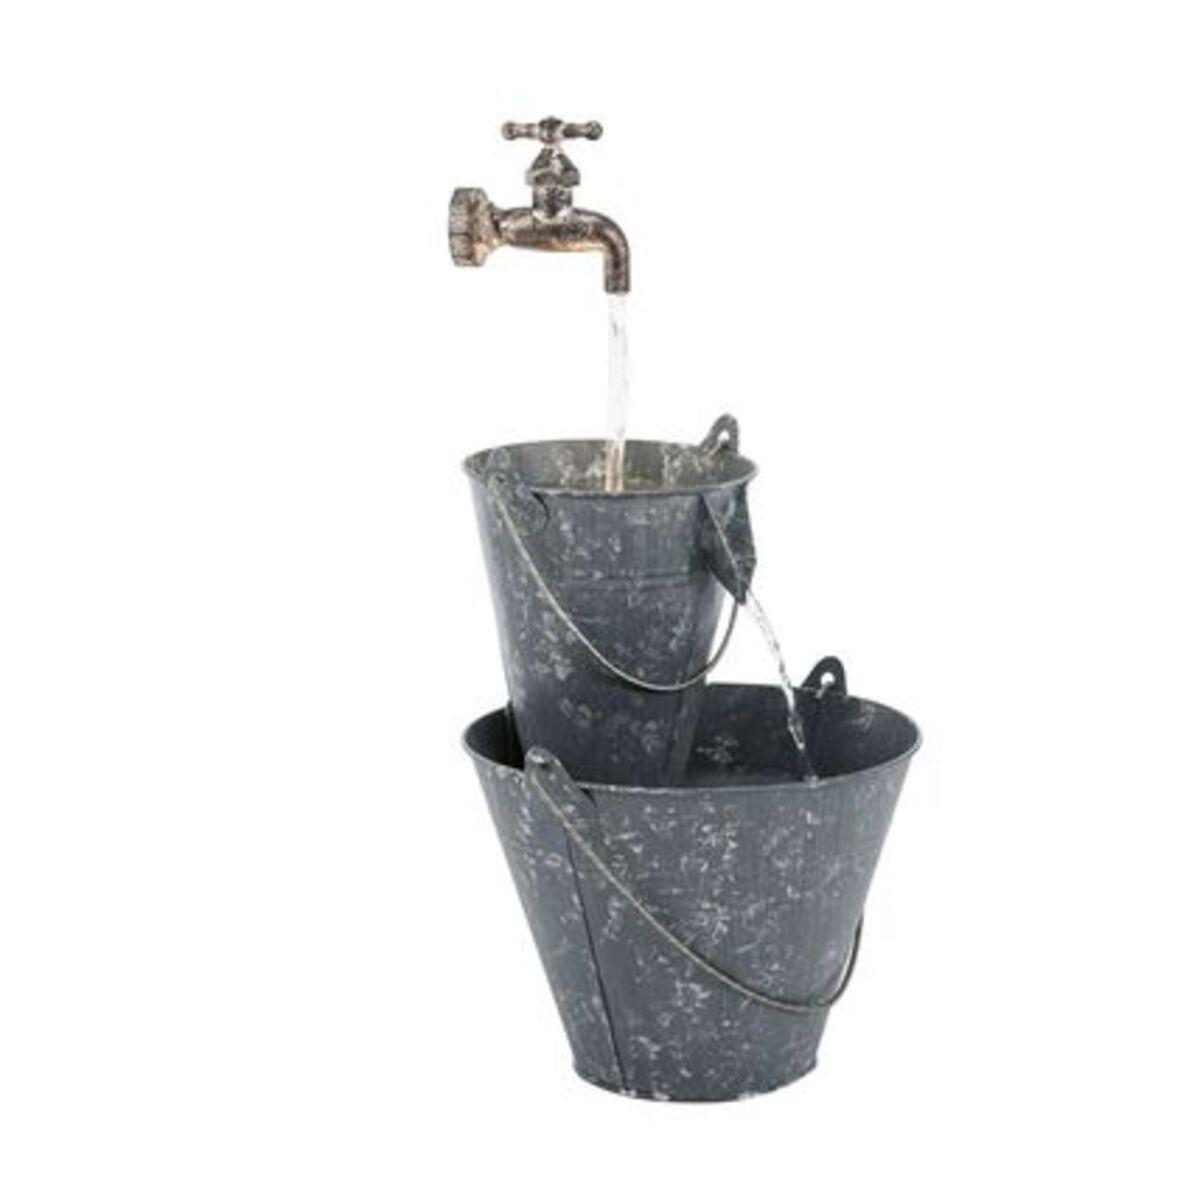 Bild 1 von Pureday Gartenbrunnen 'Zinkeimer', Grau, verzinktes Blech Kunststoff